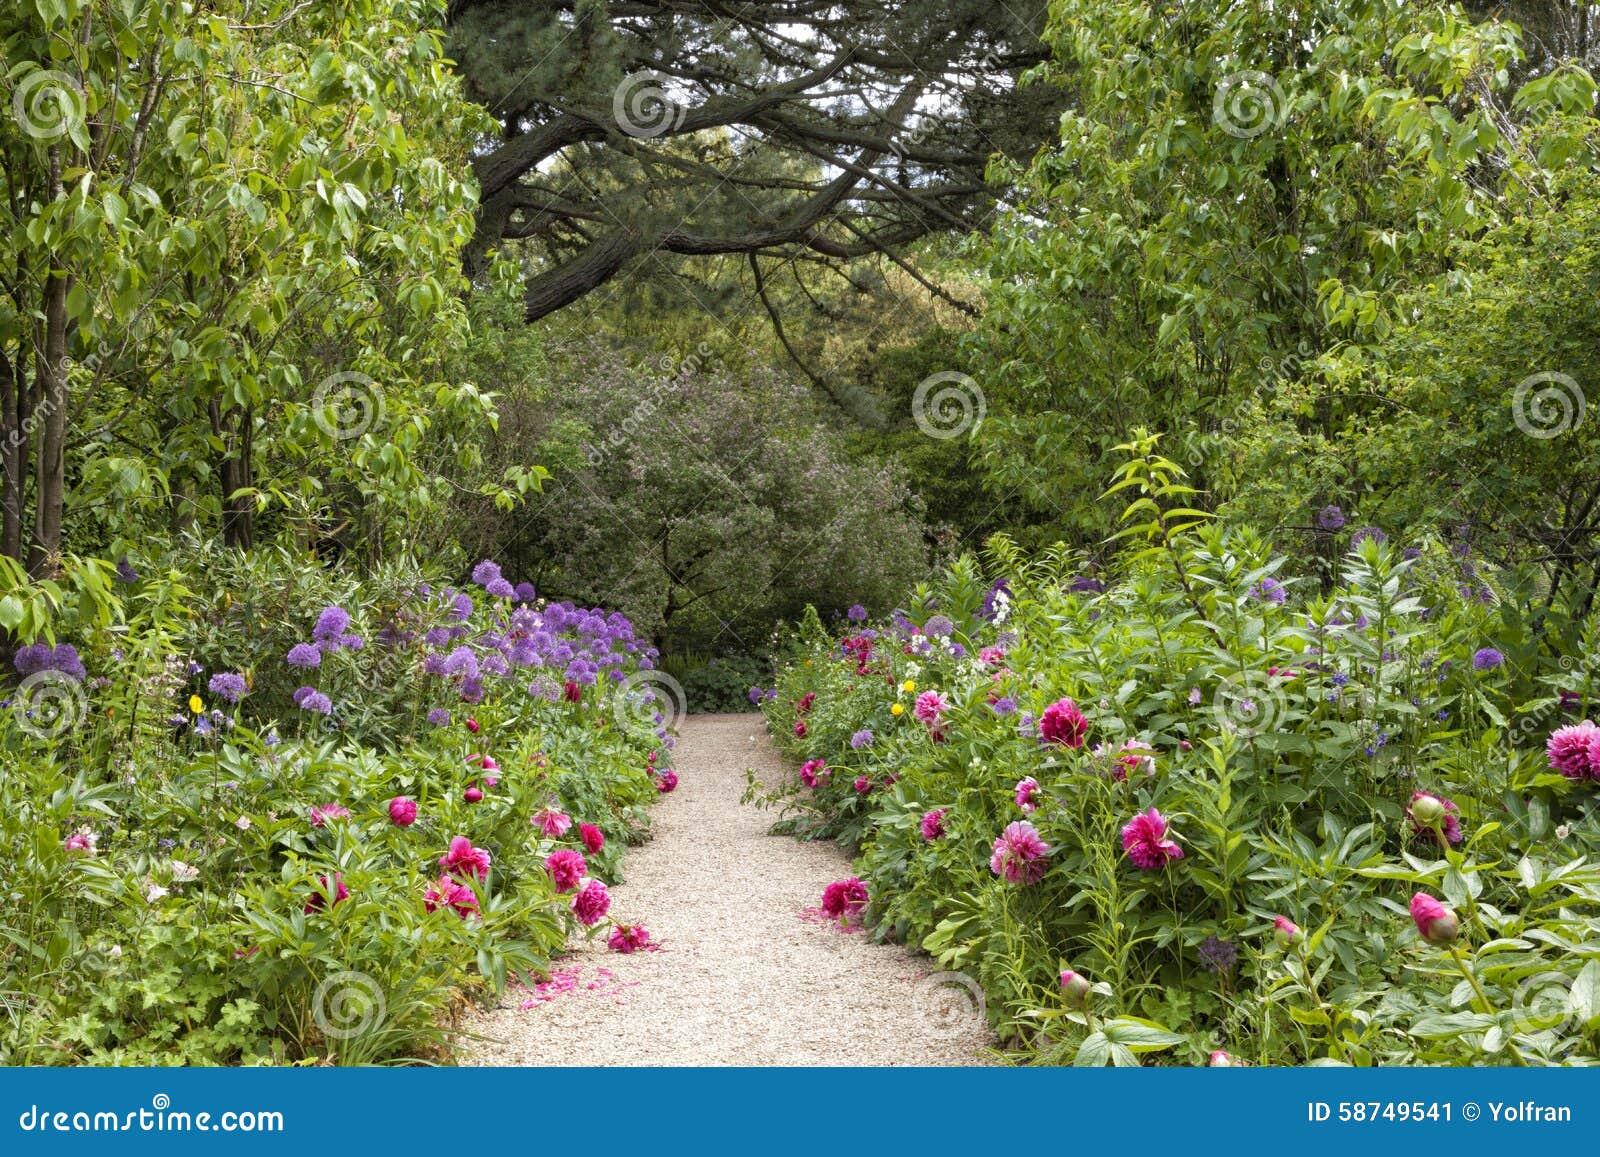 Walkway In English Summer Flowering Garden